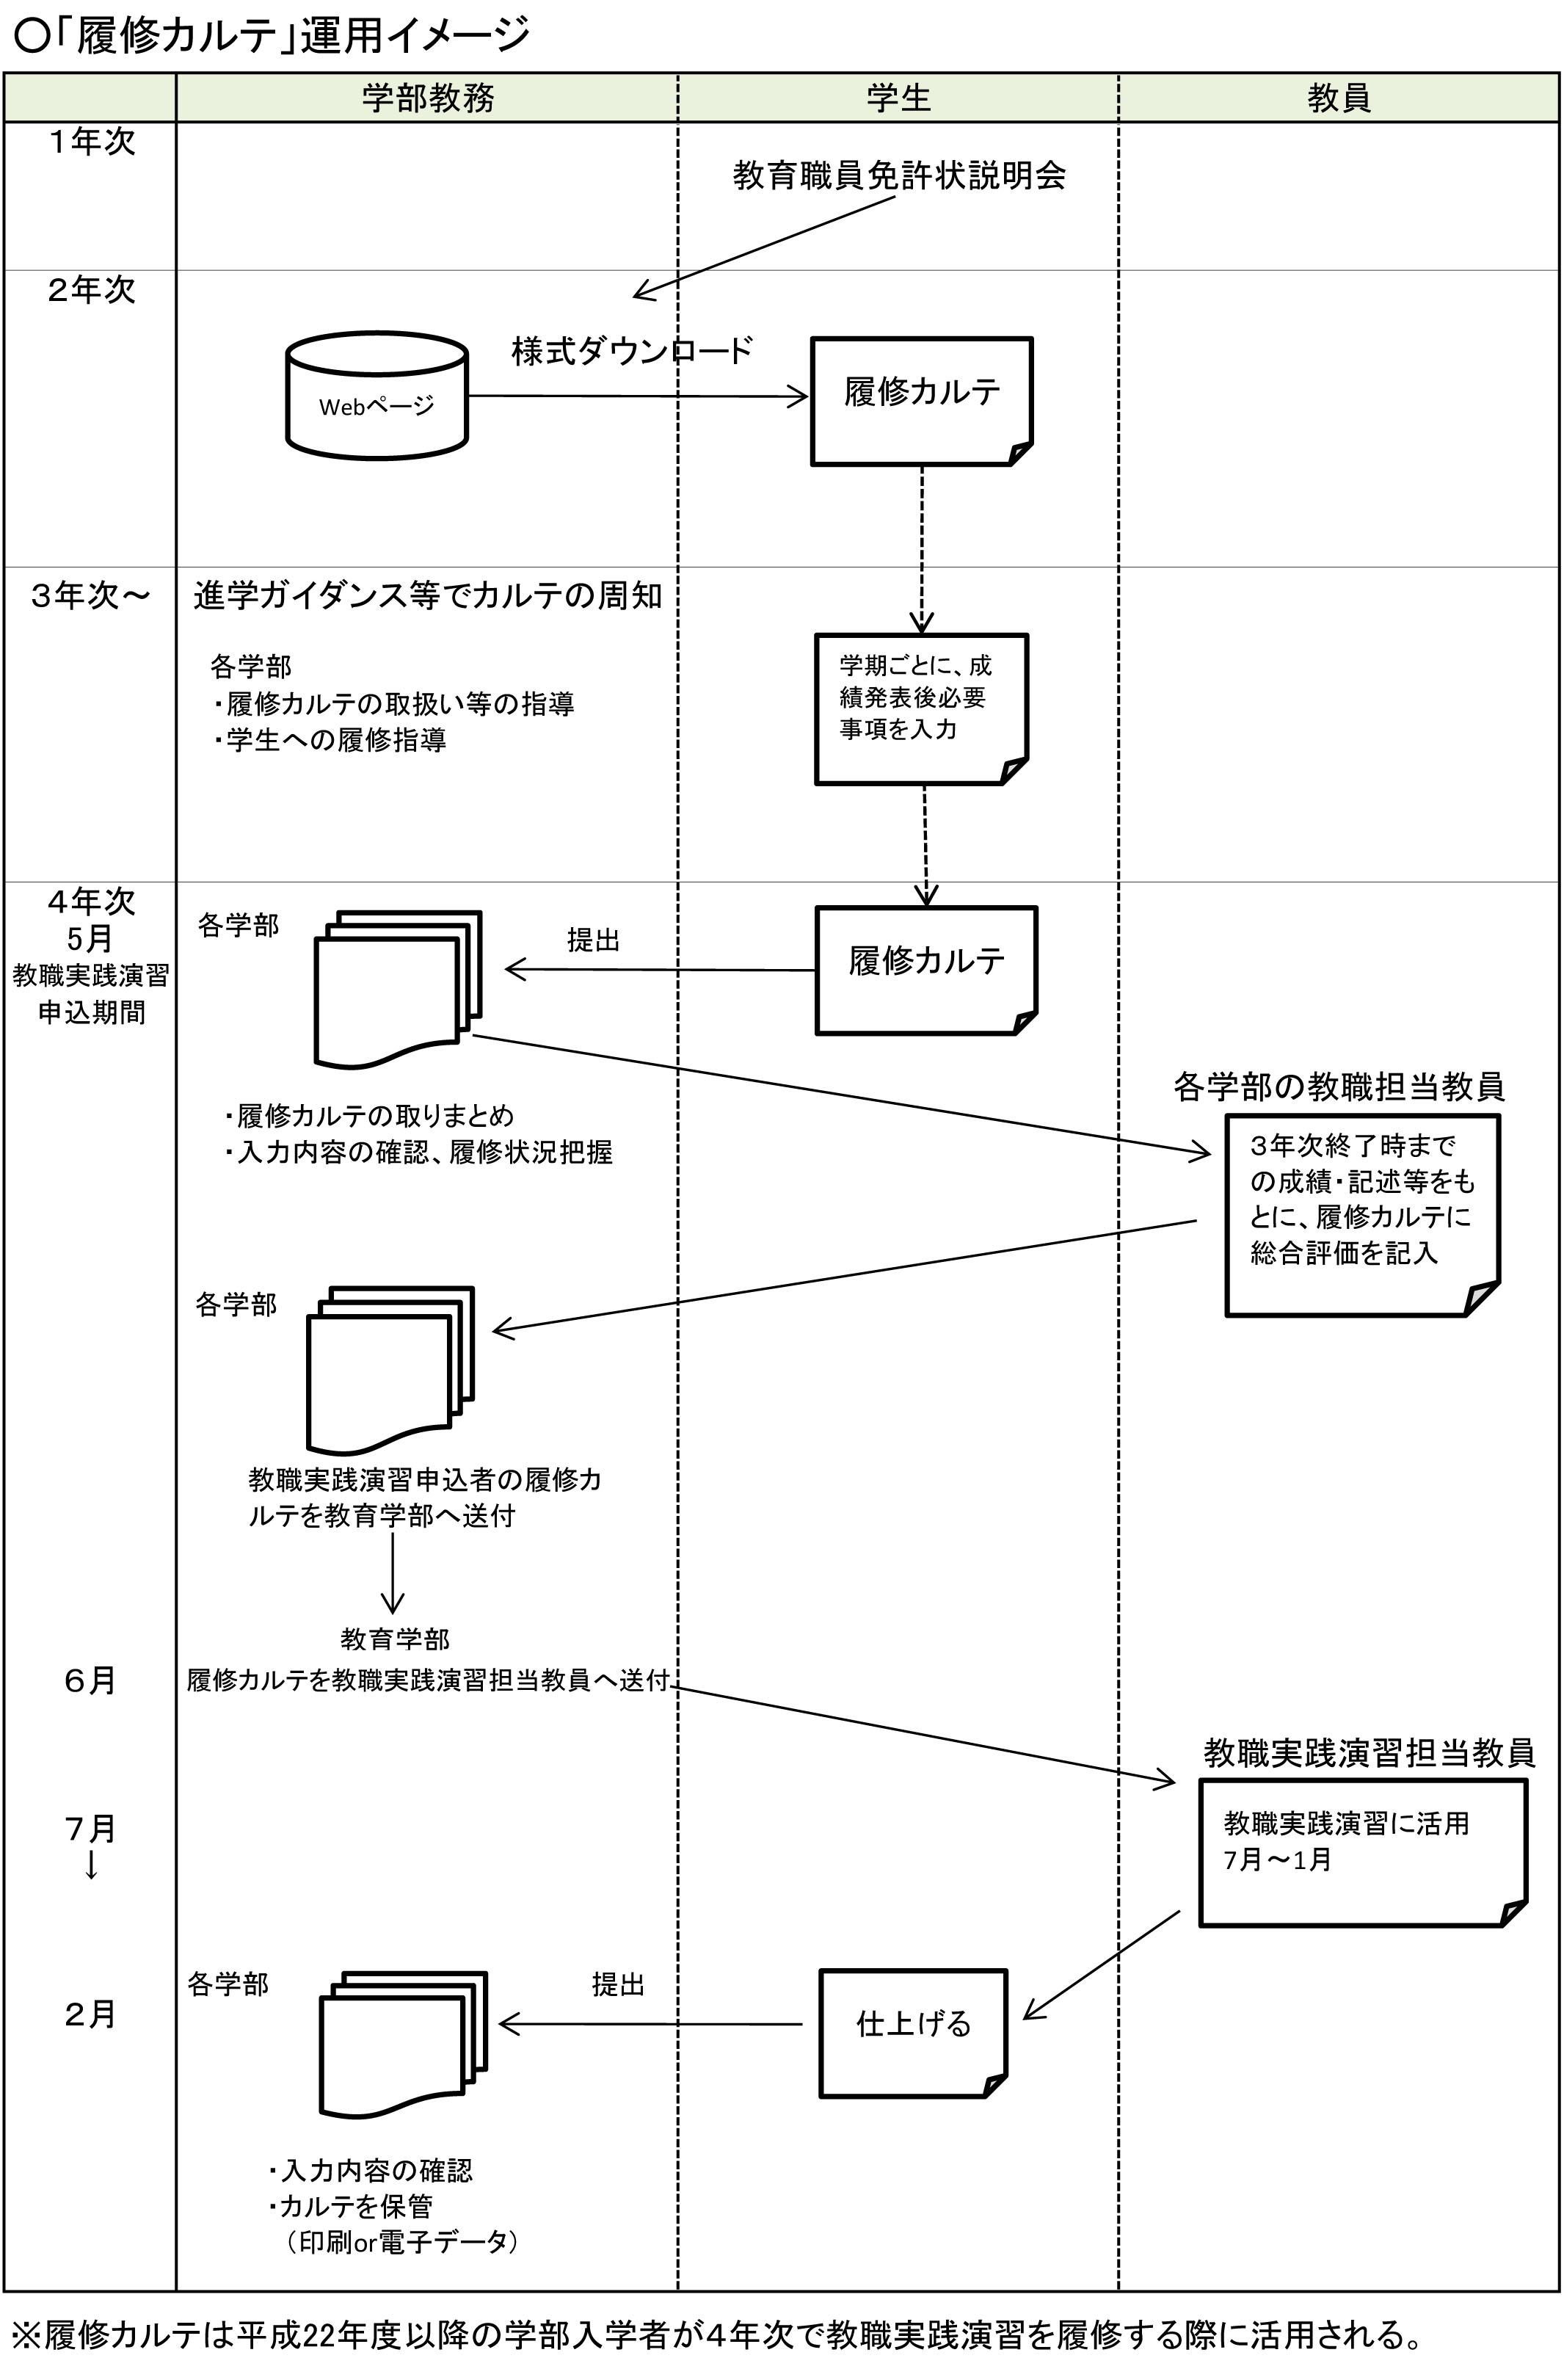 履修カルテ運用イメージ_H25